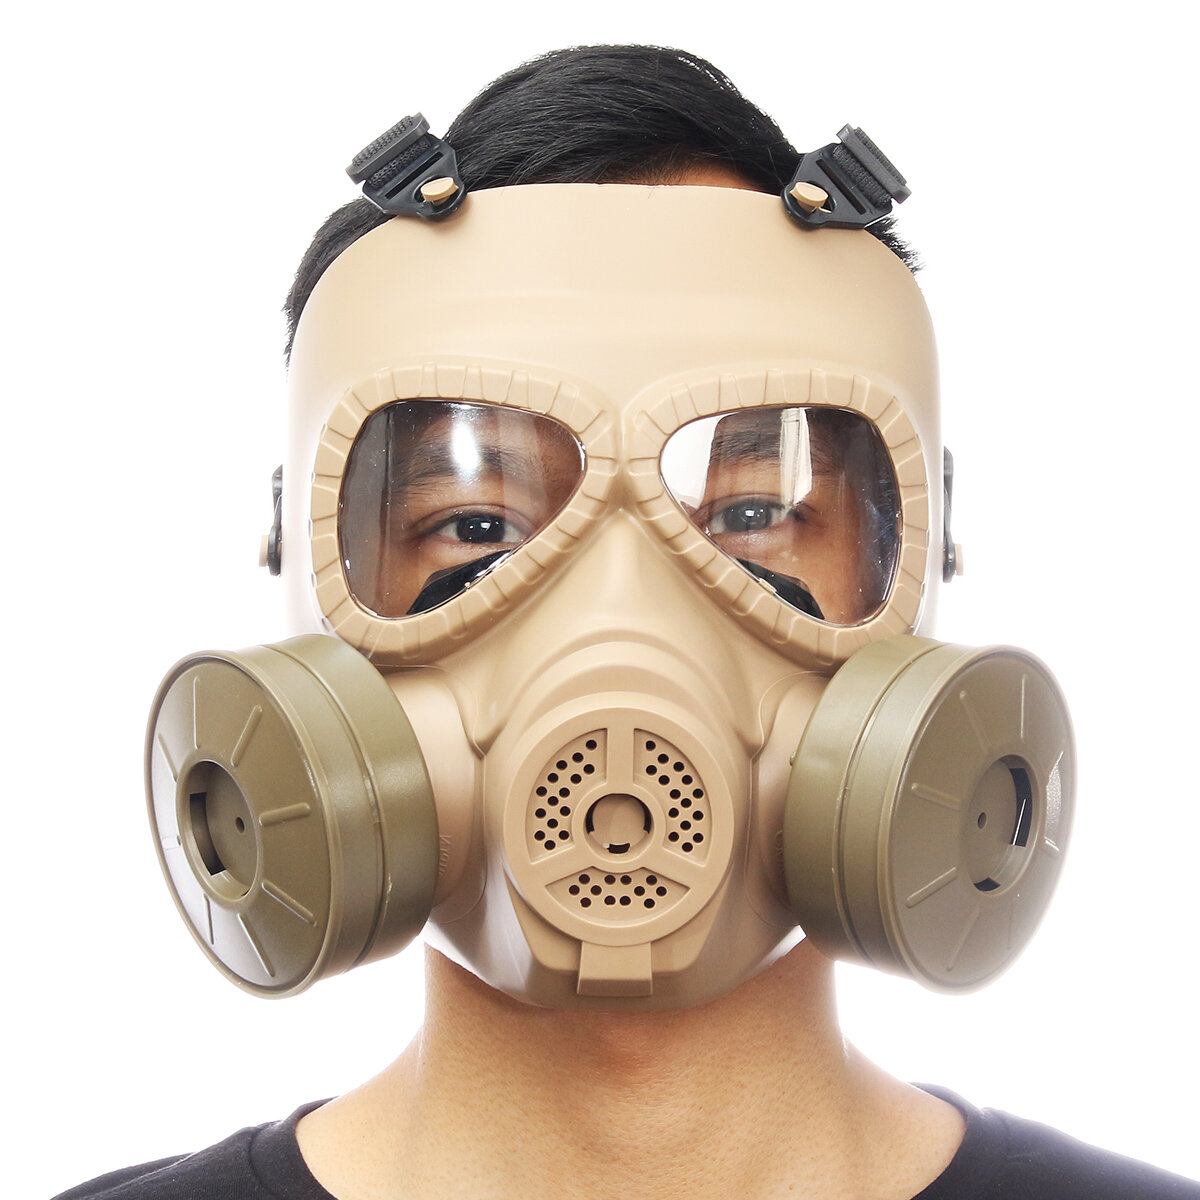 Bernapas Gas Mask Double Filter Fan CS Edition Keringat Debu Wajah Penjaga